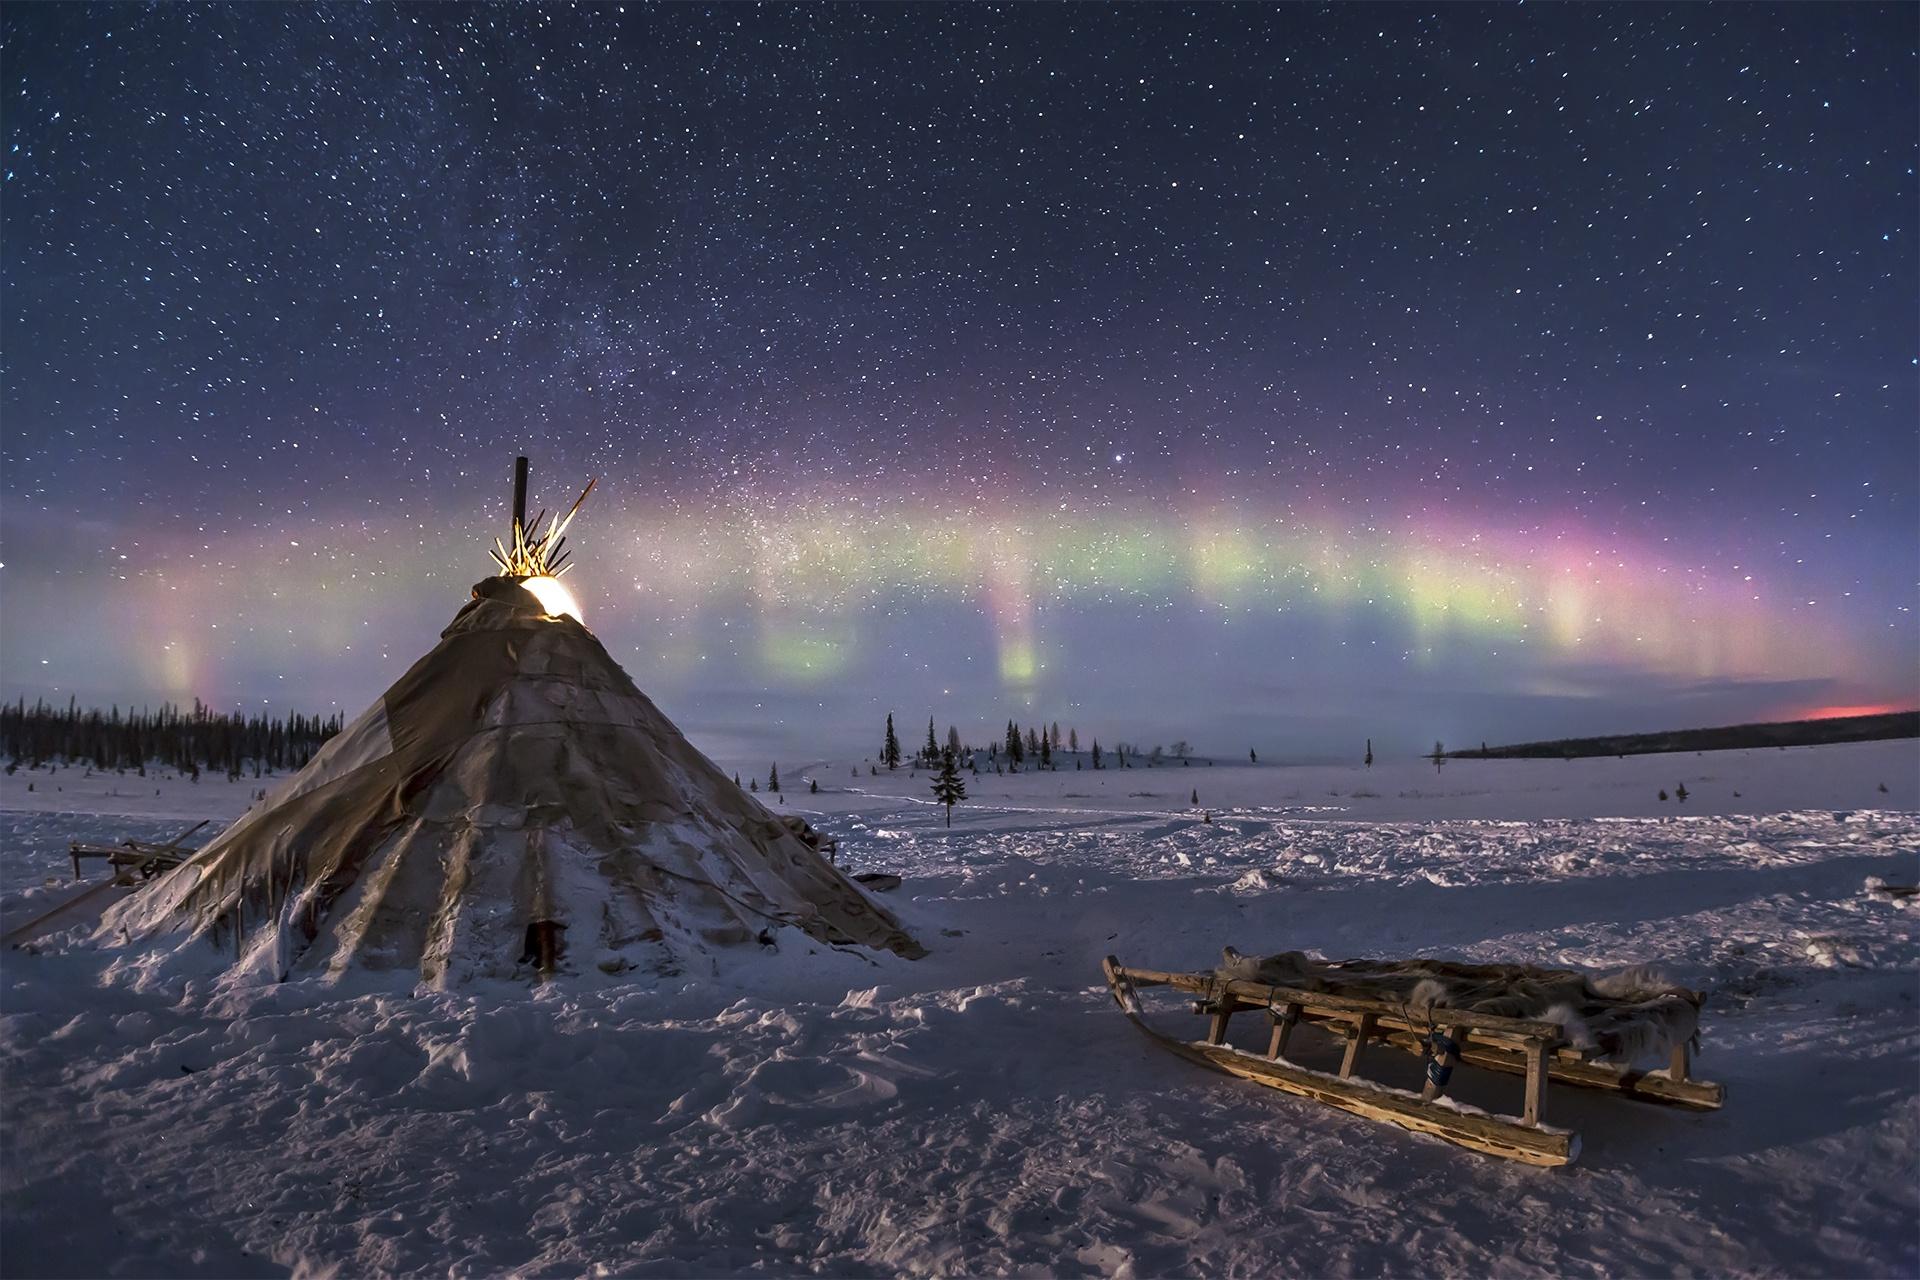 такого типа тундра зимой фото отличаются повышенным уровнем